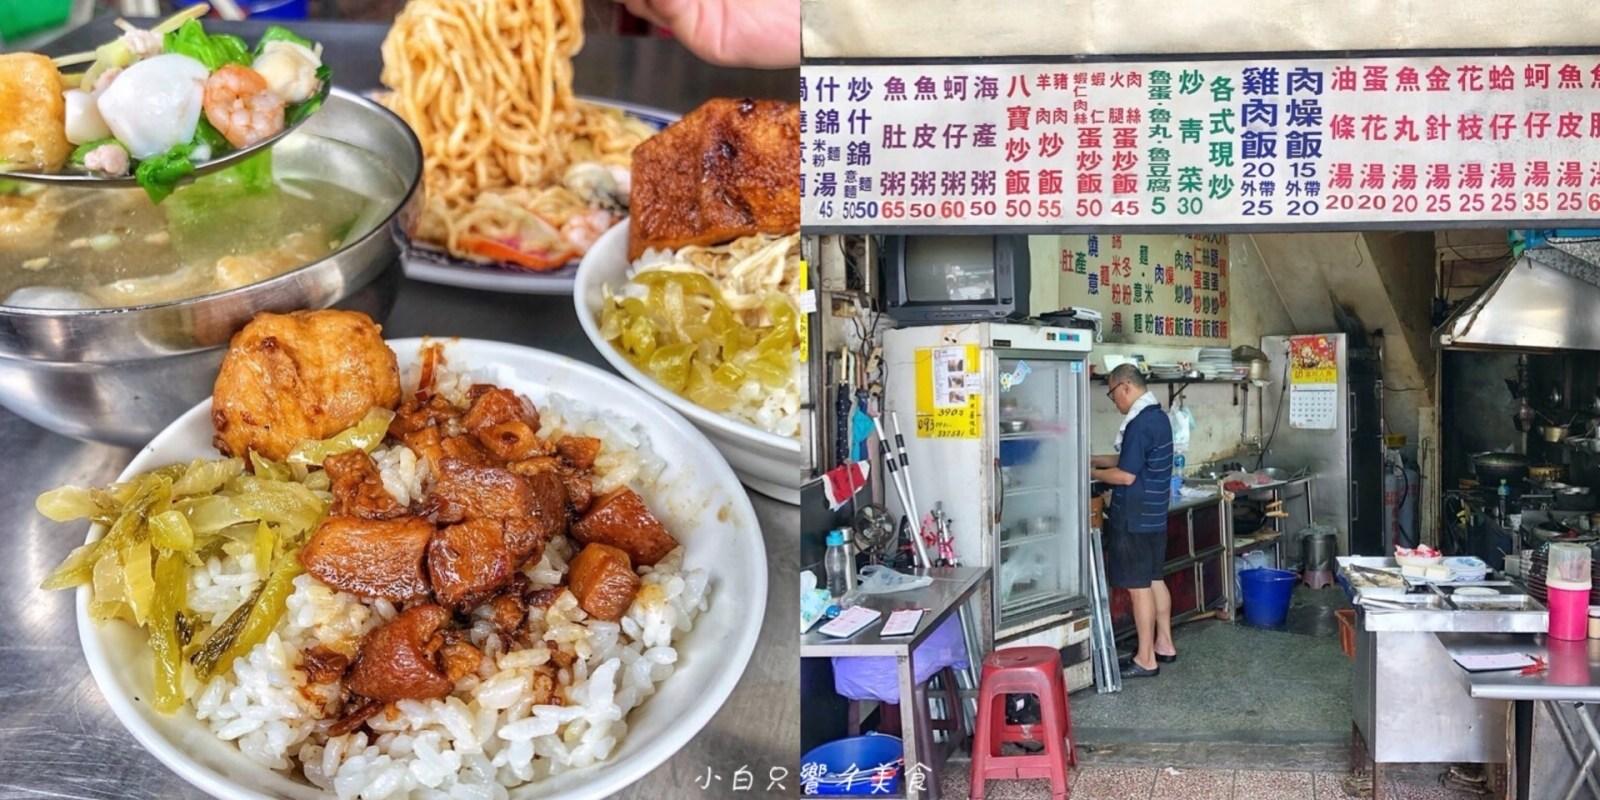 【台南美食】輝肉燥飯 餐點超便宜用料又實在 不用100元吃飽飽 台南中西區|東菜市